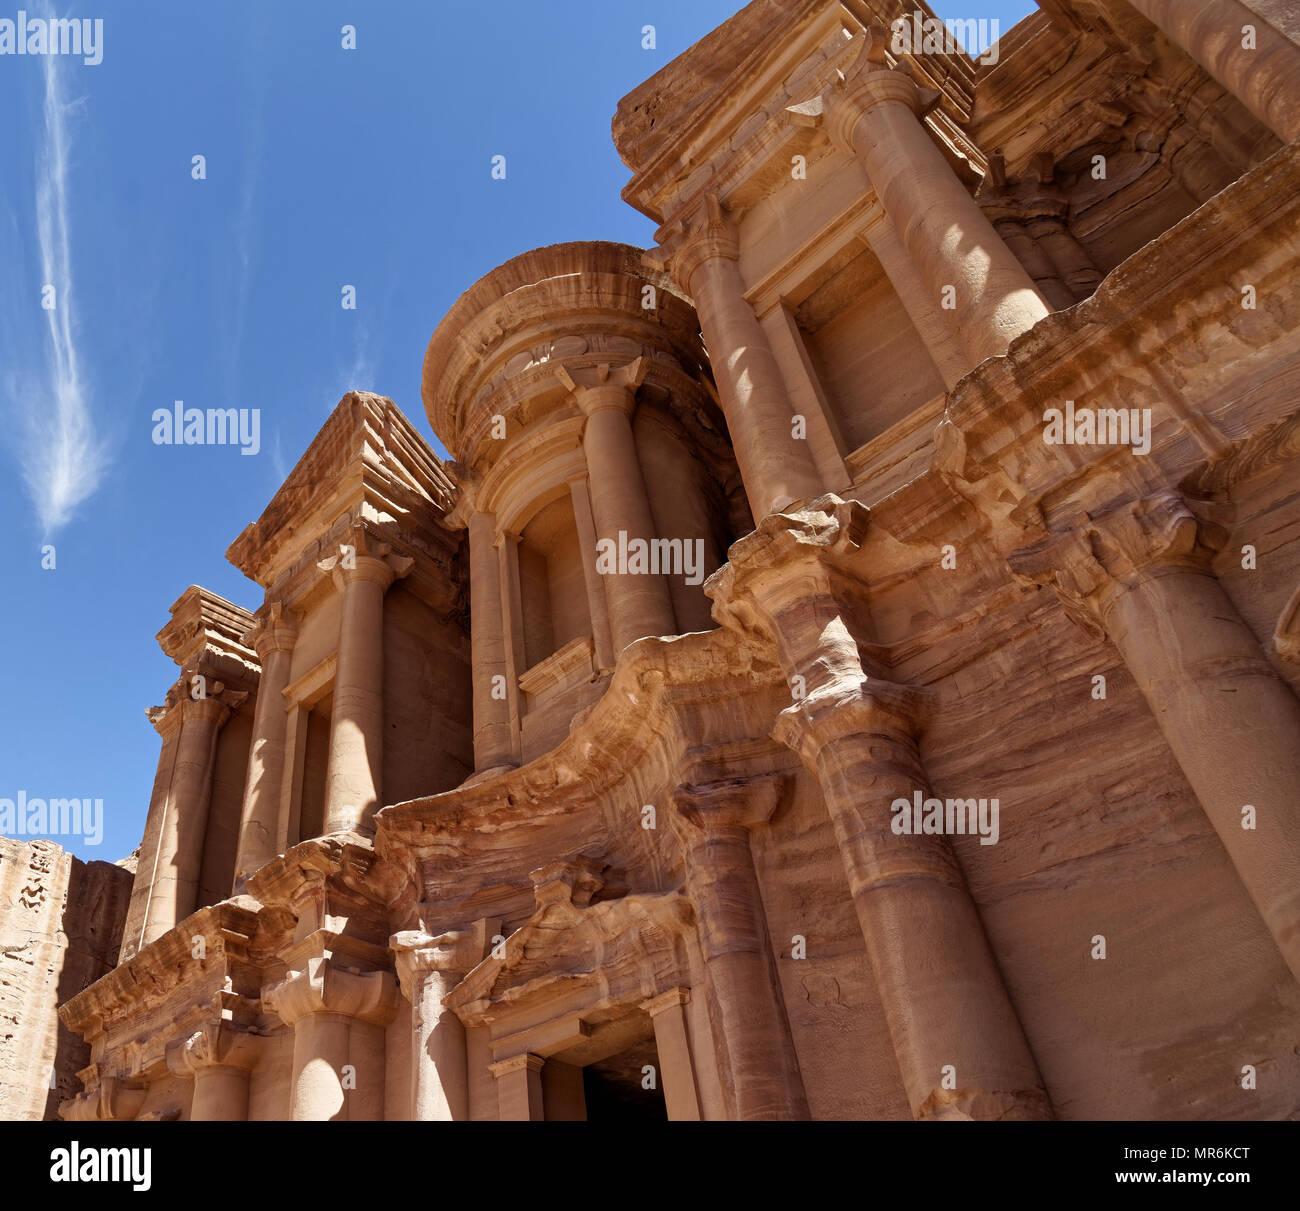 Foto scattata con un angolo obliquo di una sezione di Al-Deir, il cosiddetto monastero, nella necropoli di Petra, Giordania Immagini Stock